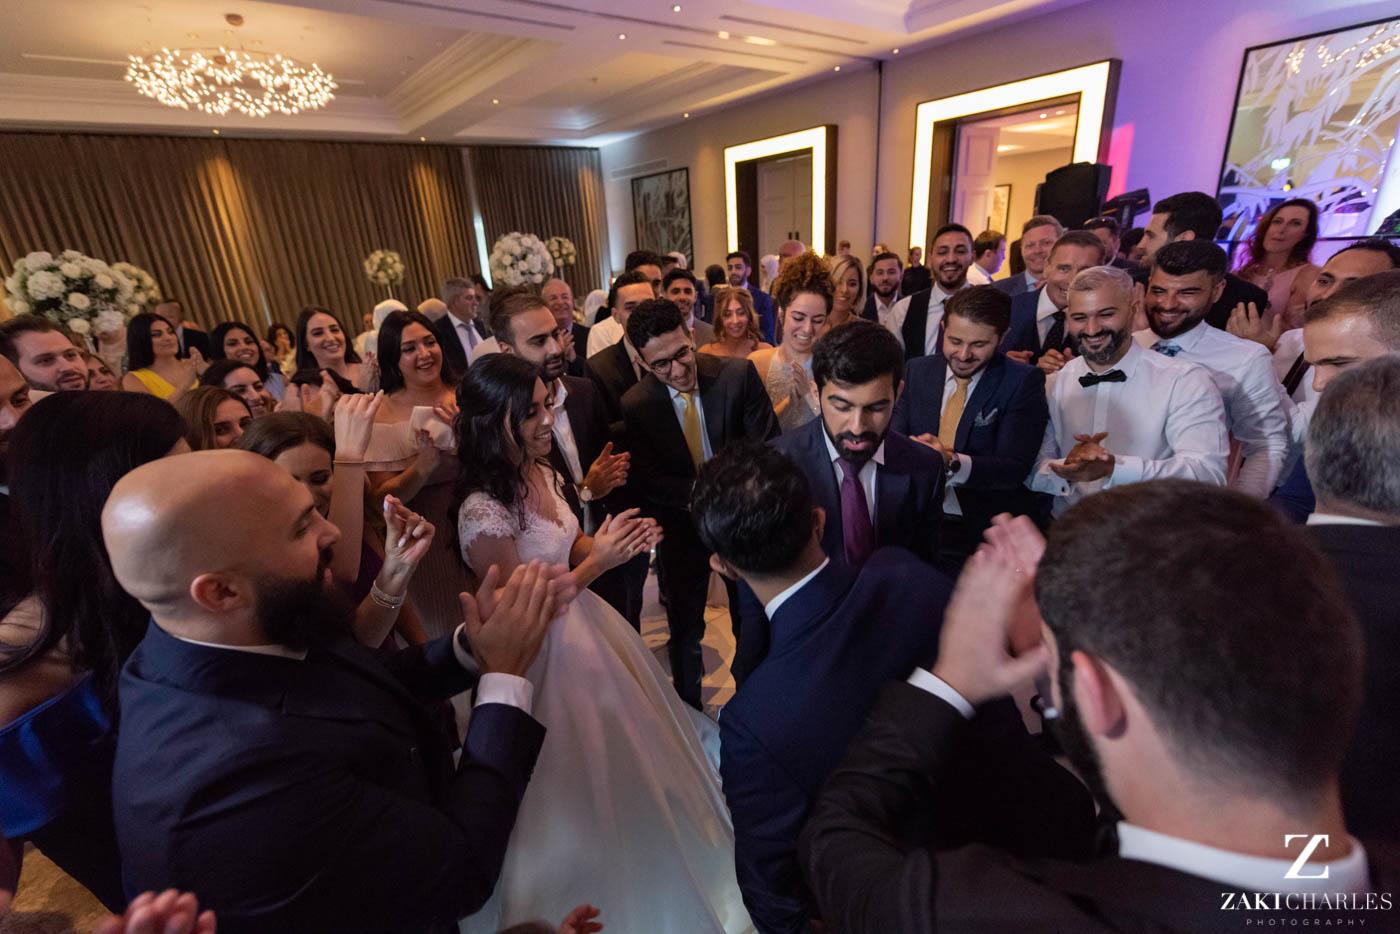 Guests dancing at Marriott Hotel Regents Park Wedding Venue 8